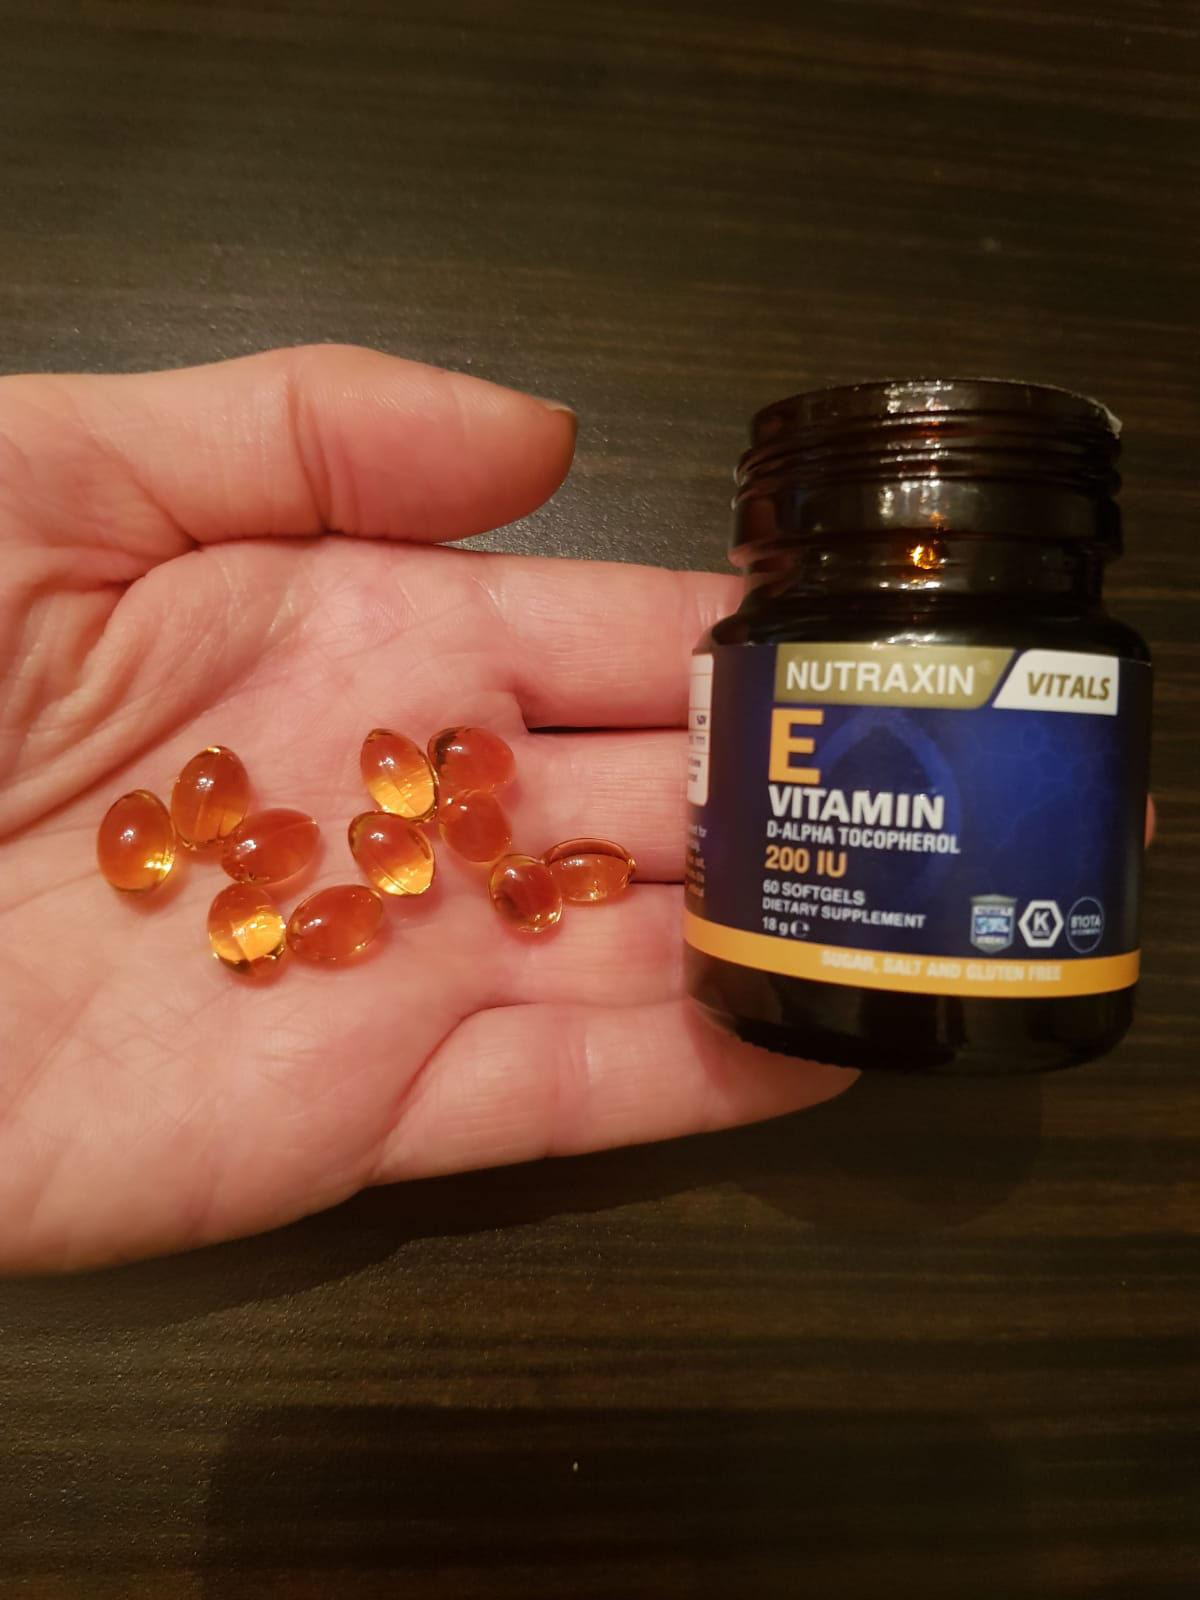 Nutraxin E Vitamin D-Alpha 200 IU